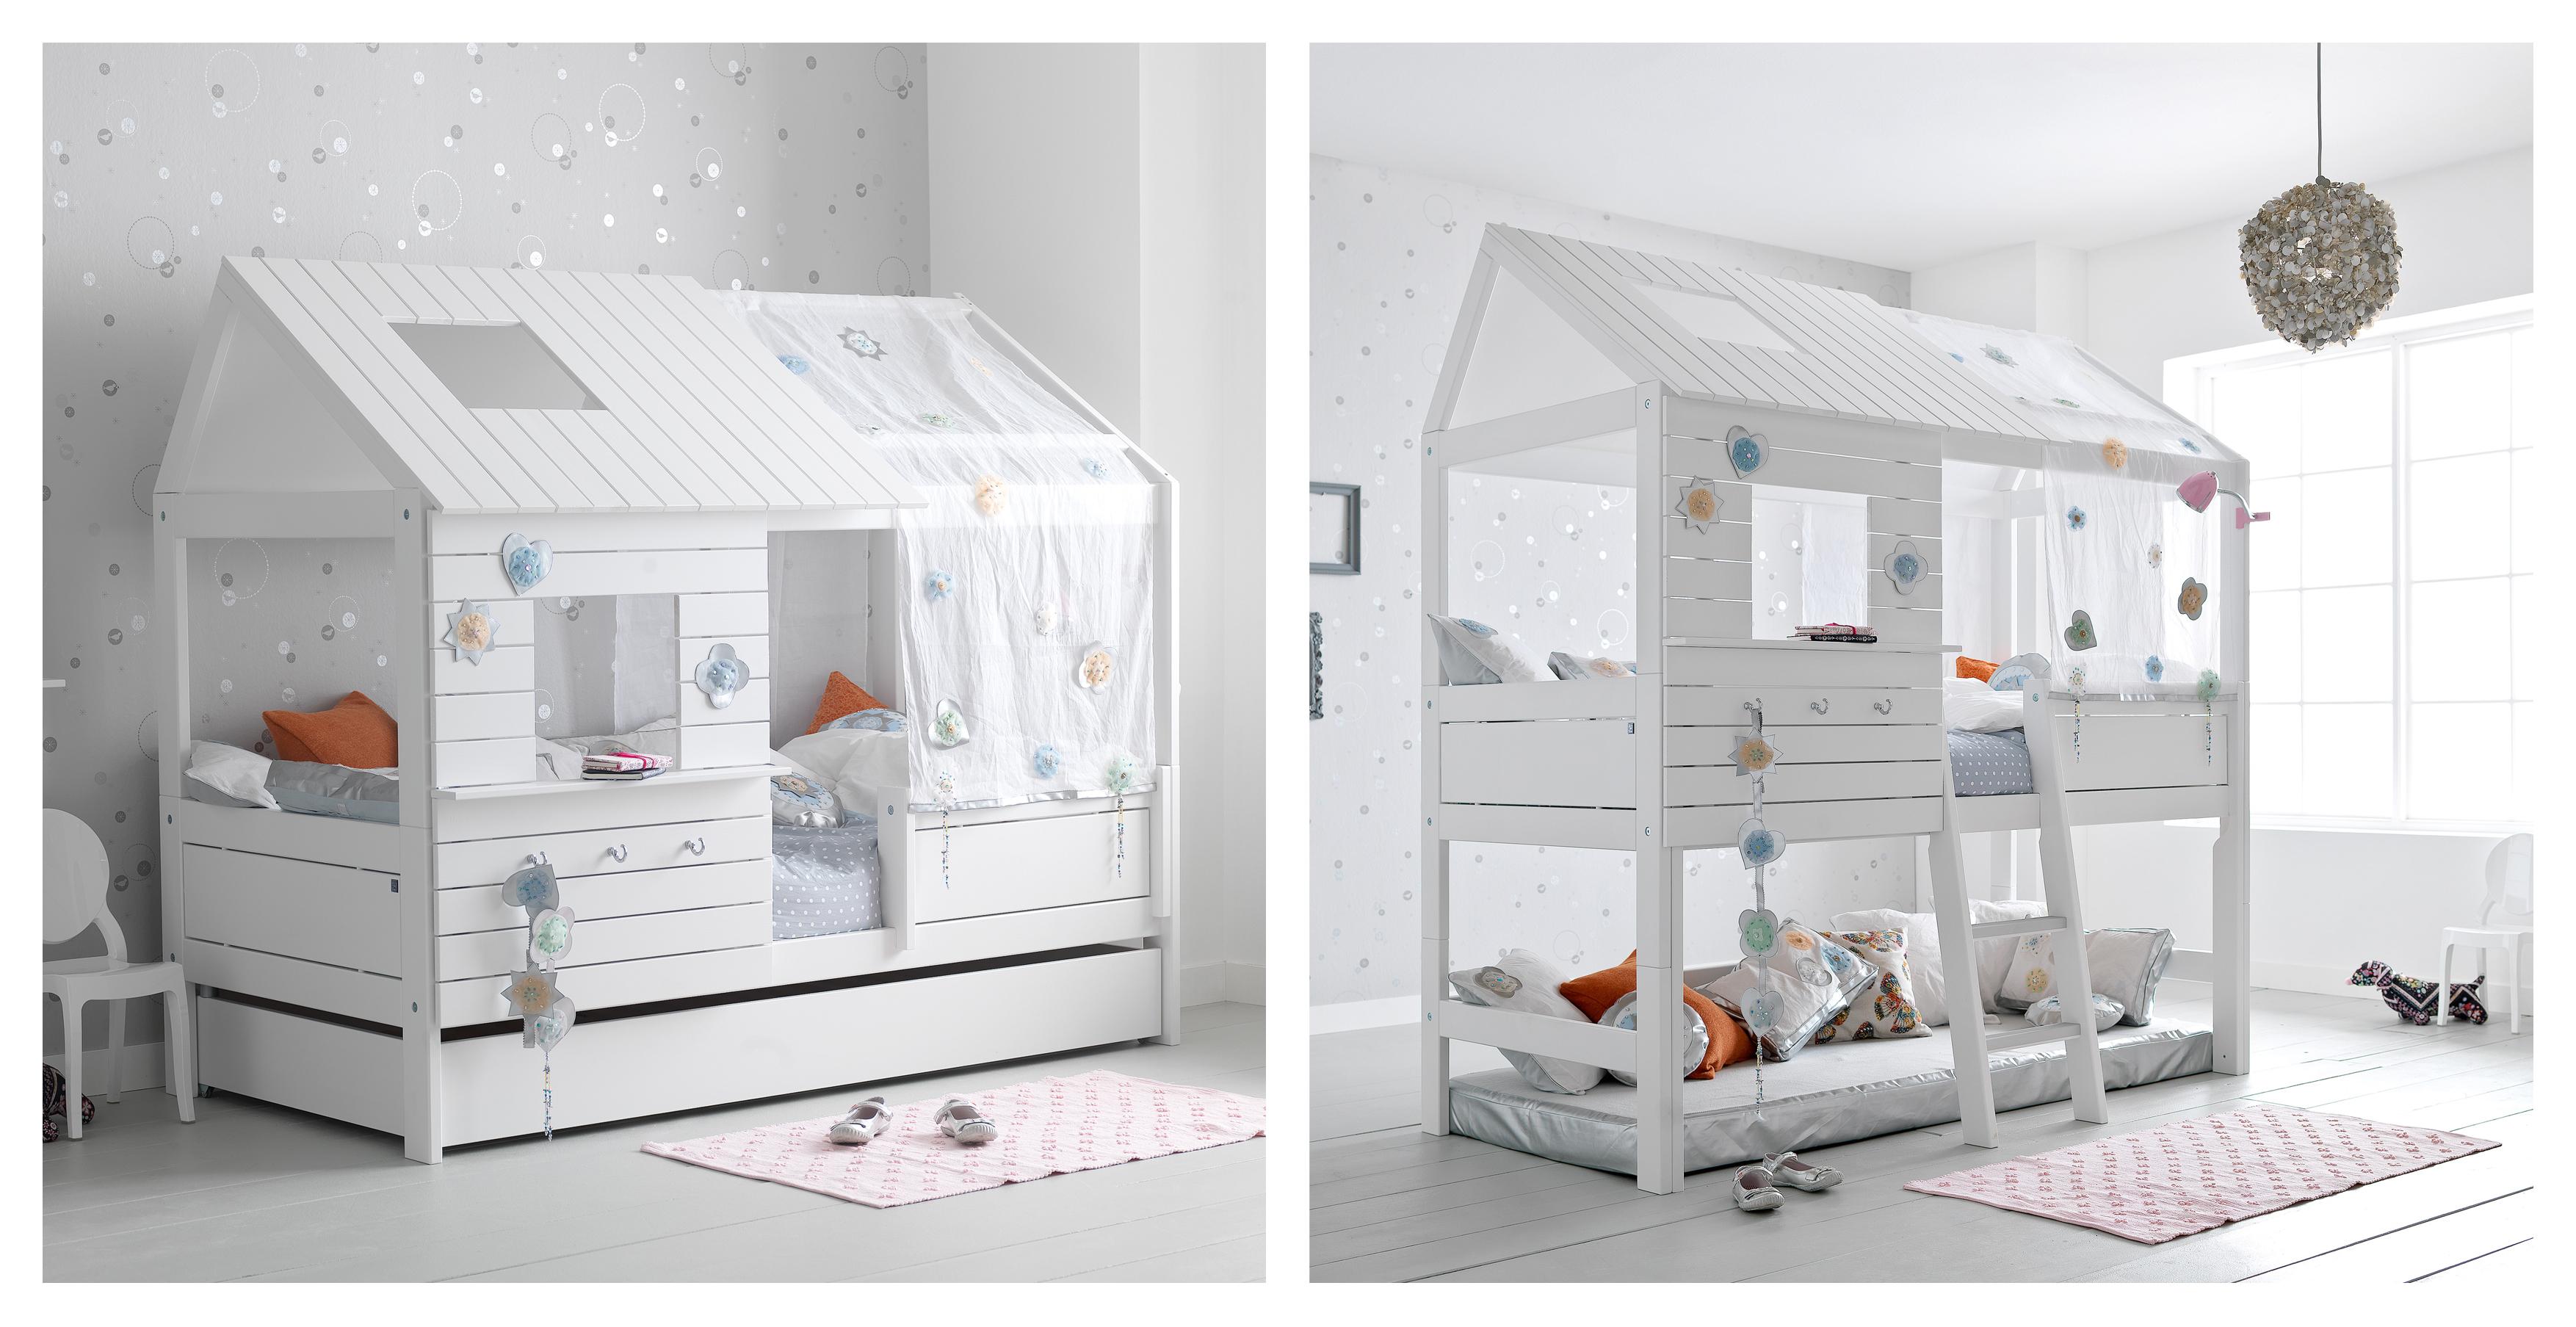 Camerette evolutive e mobili trasformabili belv camerette - Camere da letto per bambine ...